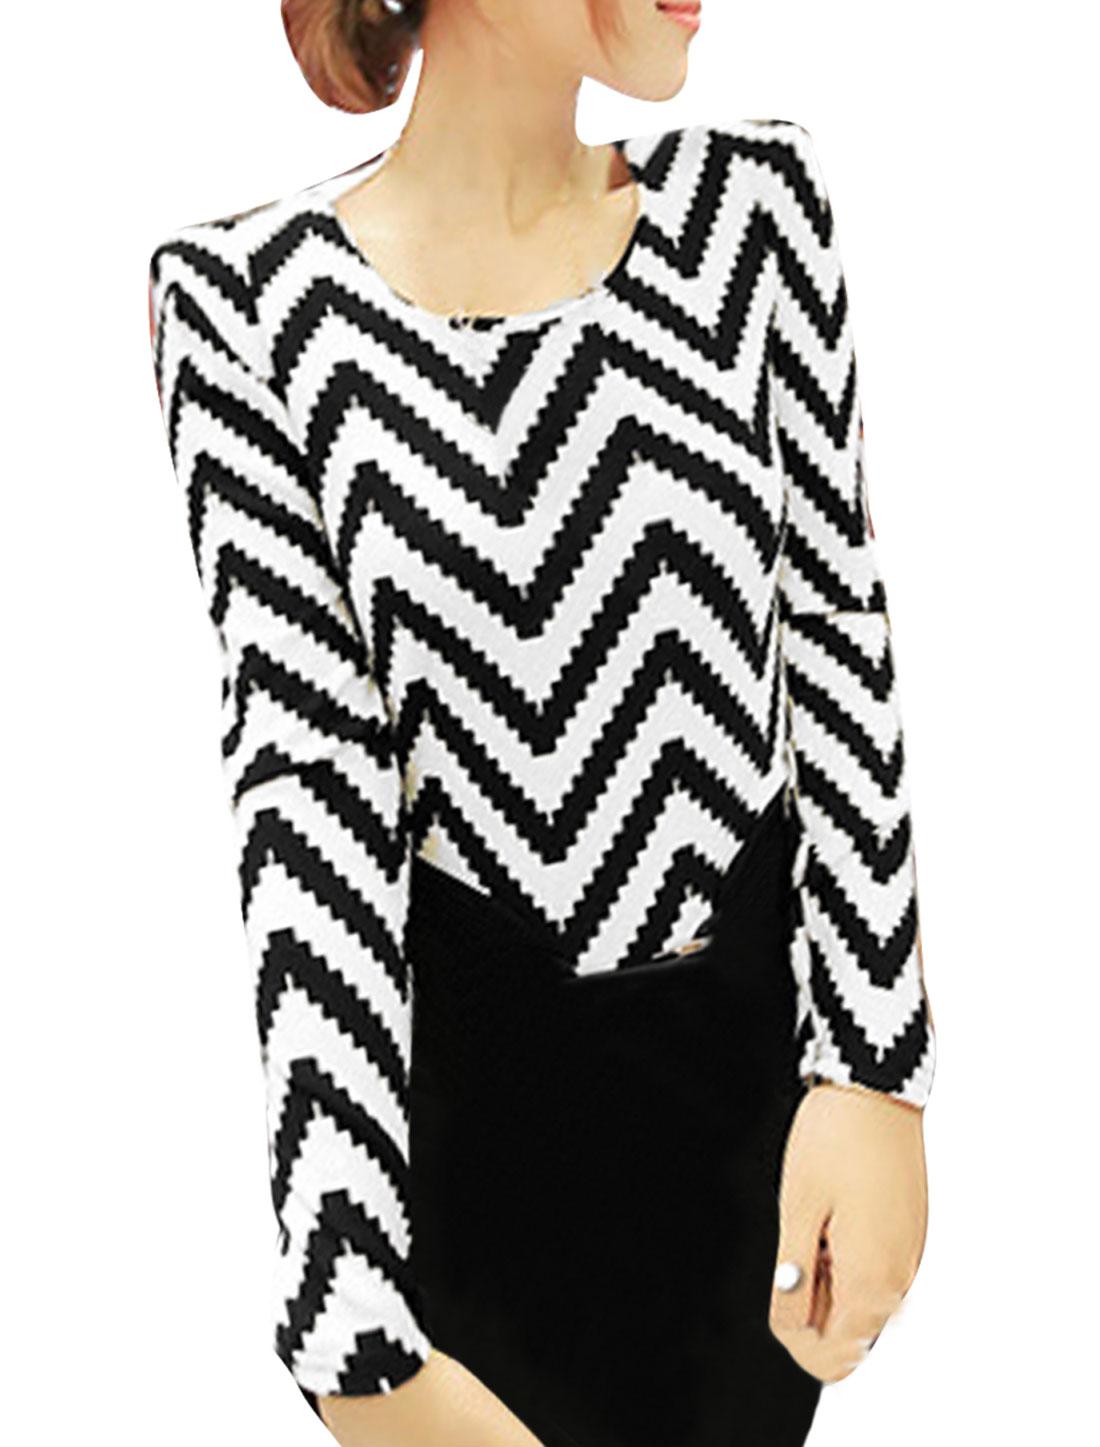 Black White Round Neck Stretchy Zig-Zag Pattern Knit Shirt Lady S